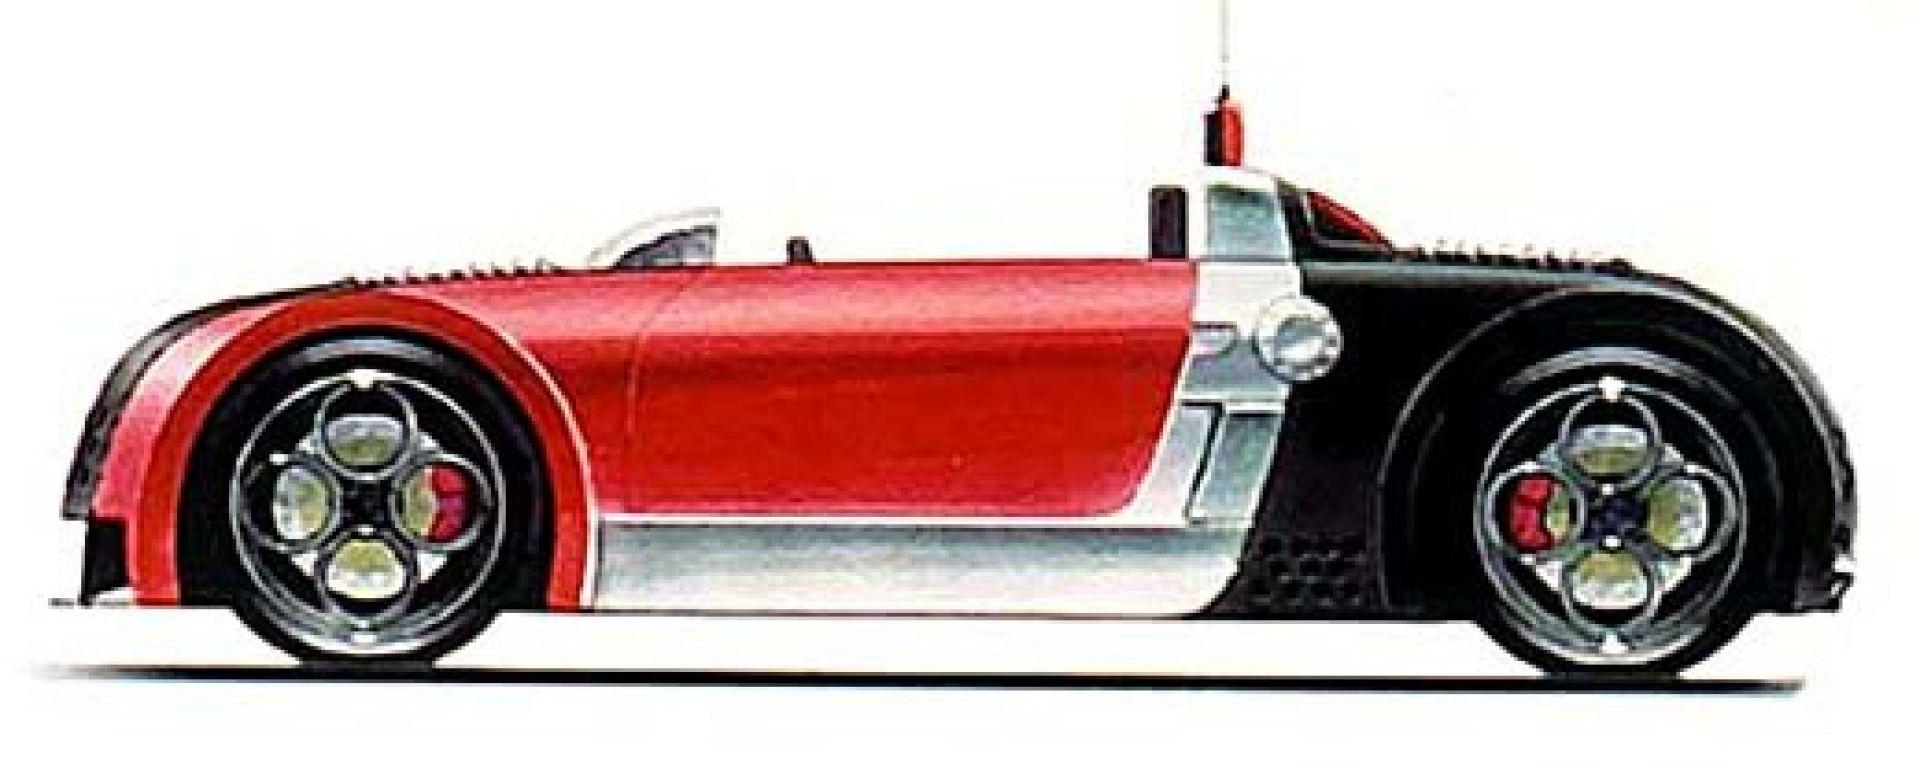 Suzuki GSX-R/4